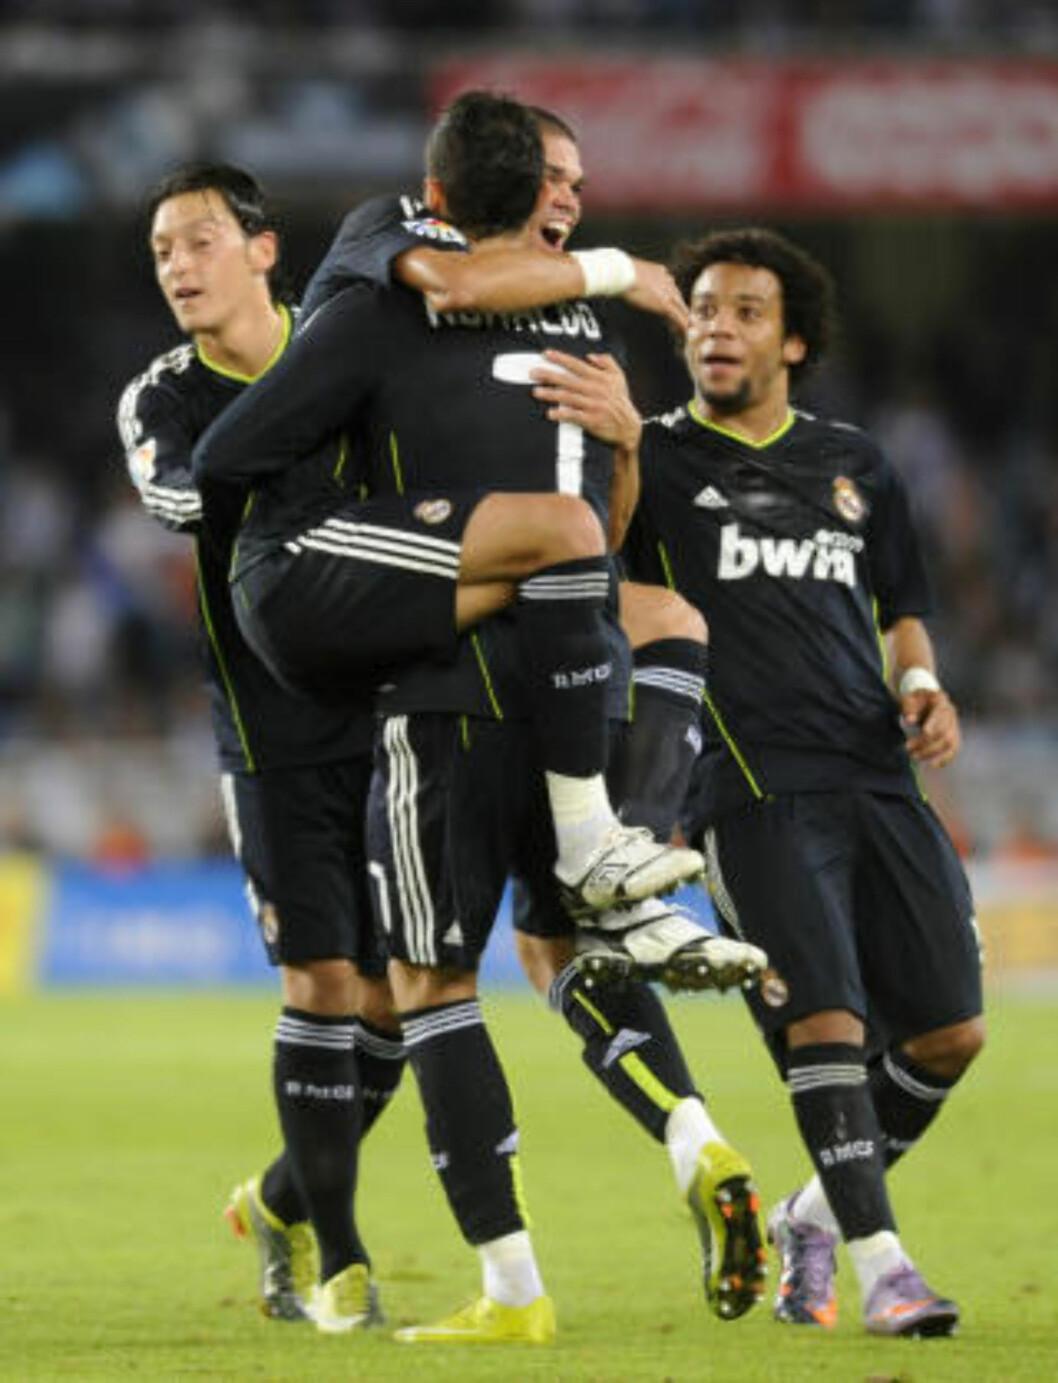 <strong>FIKK ENDELIG BALLEN I MÅL:</strong> I tredje seriekamp mot Real Sociedad fikk Ronaldo omsider ballen i mål - men skuddet gikk via lagkamerat Pepe og i mål. Foto: AFP PHOTO / Ander Gillenea